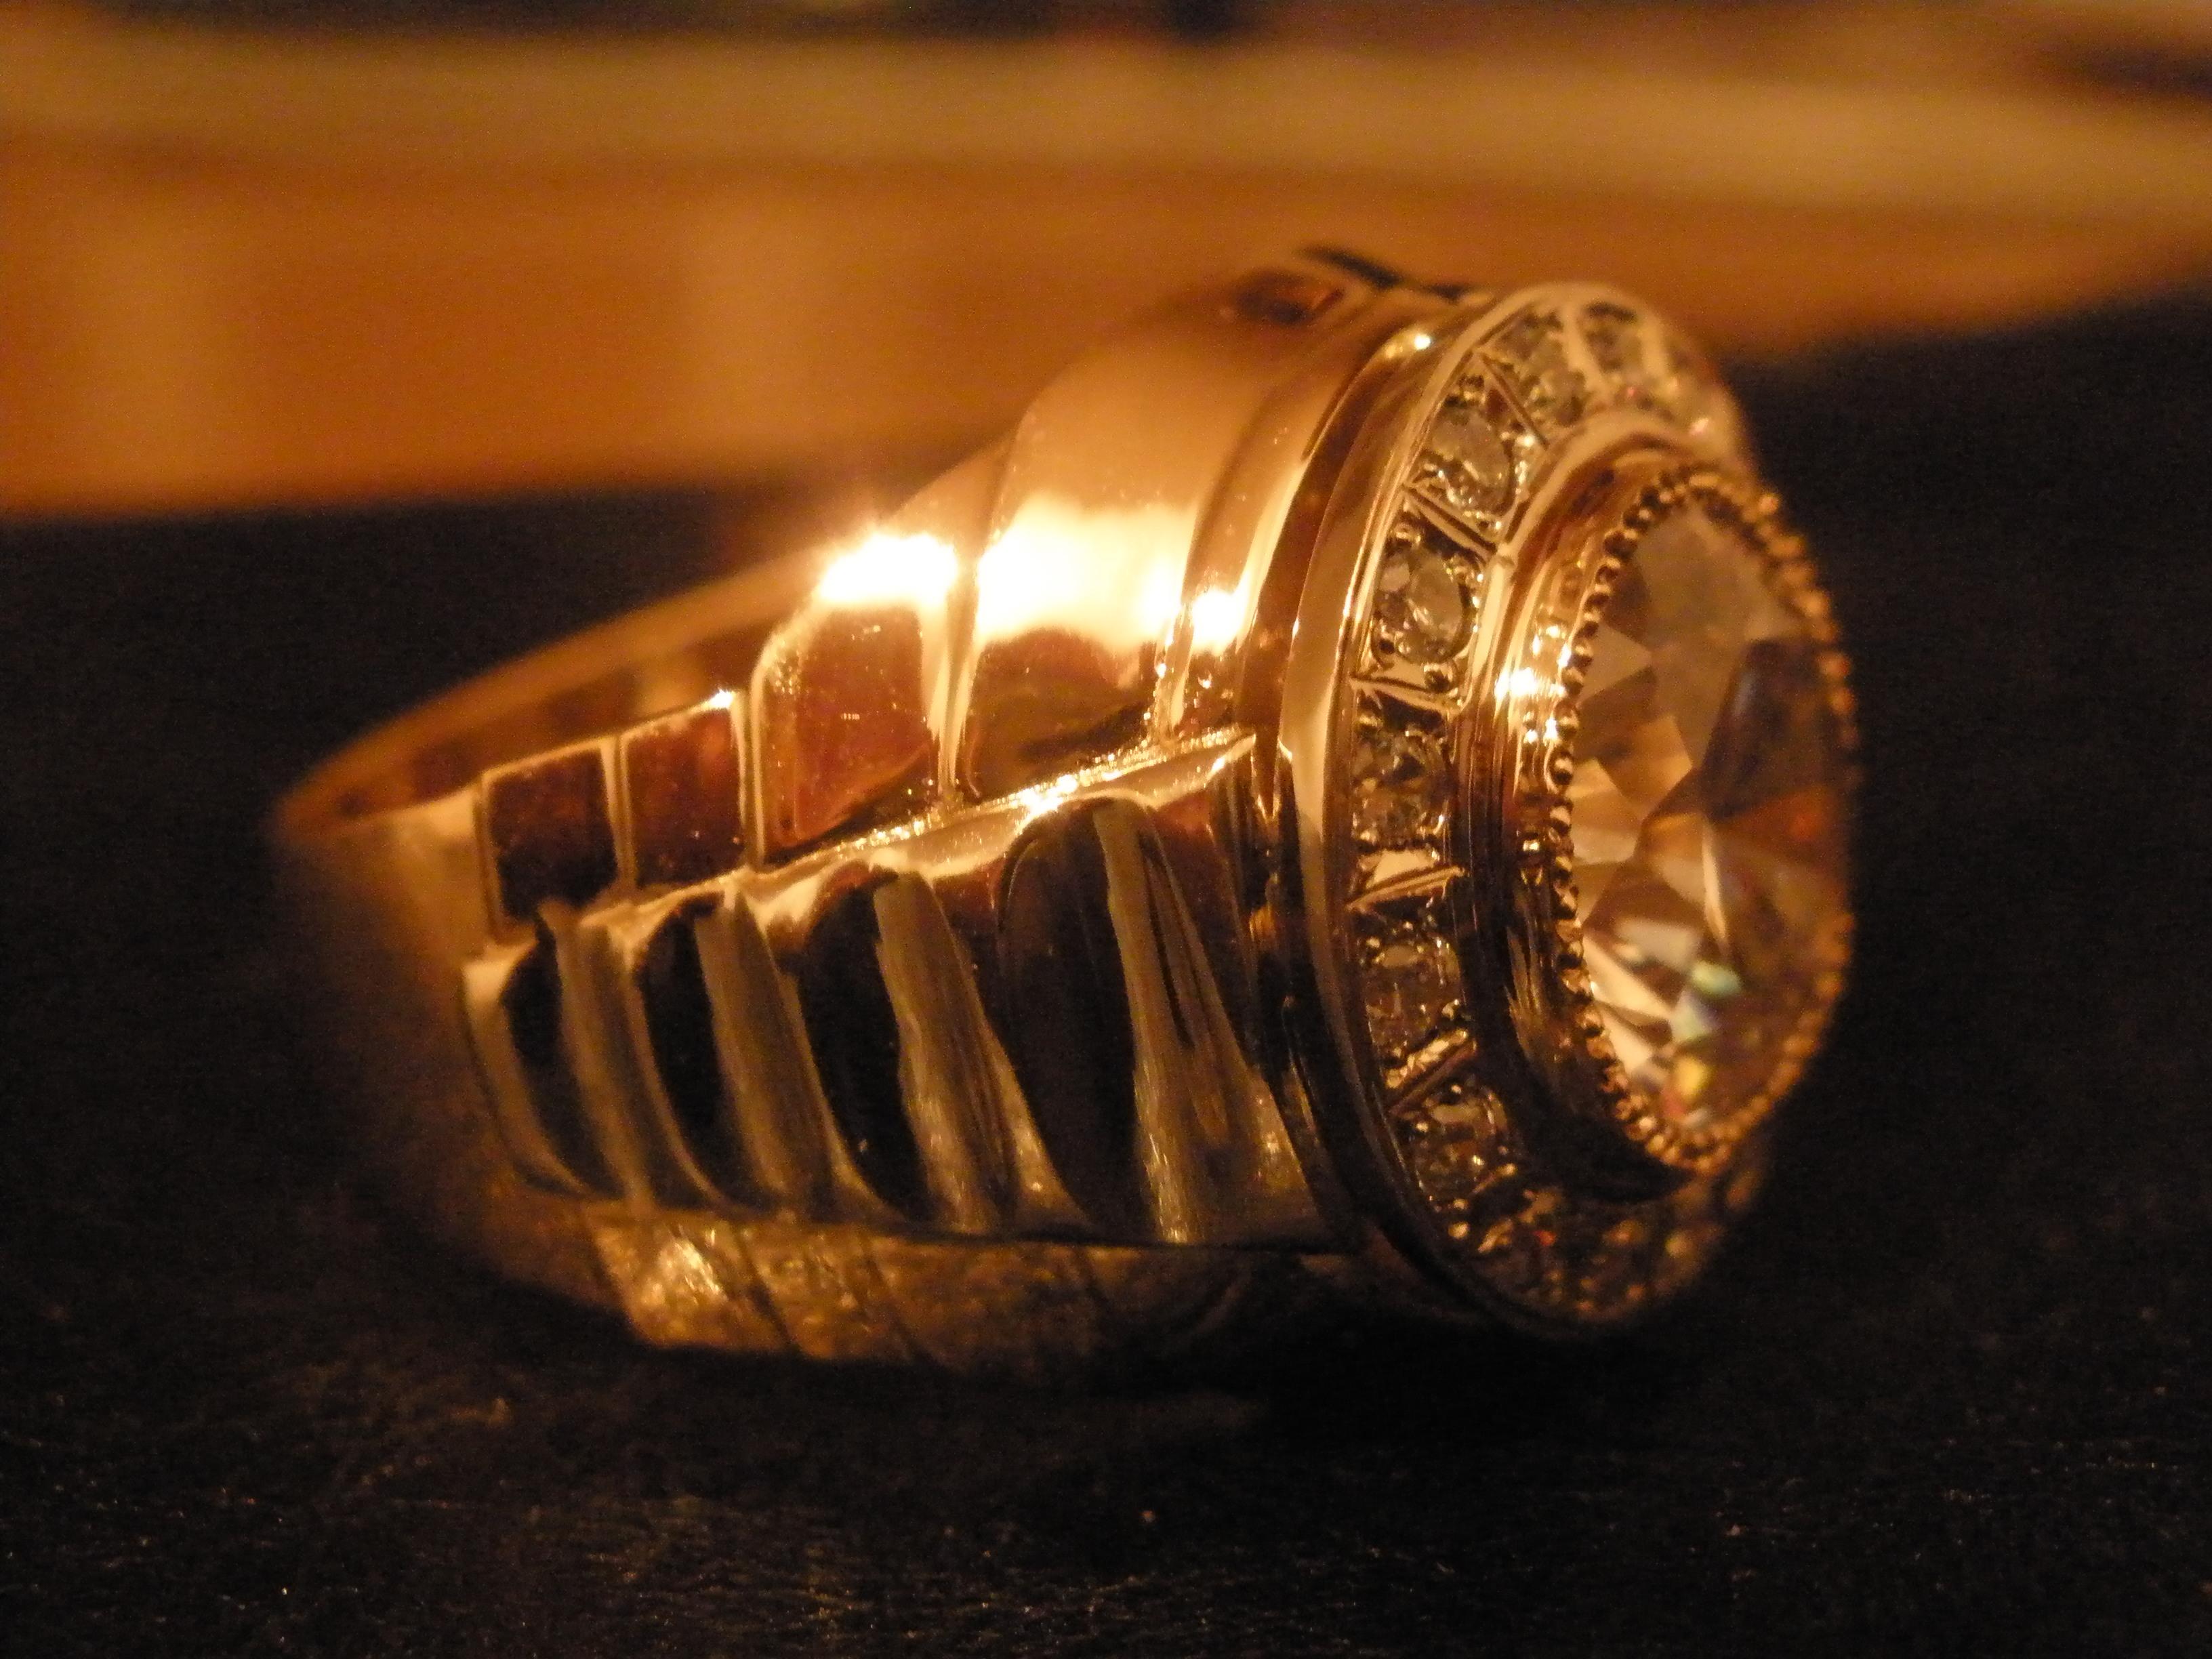 Серебряные кольца мужские печатки. Причёски. Лучшие картинки со всего интернета